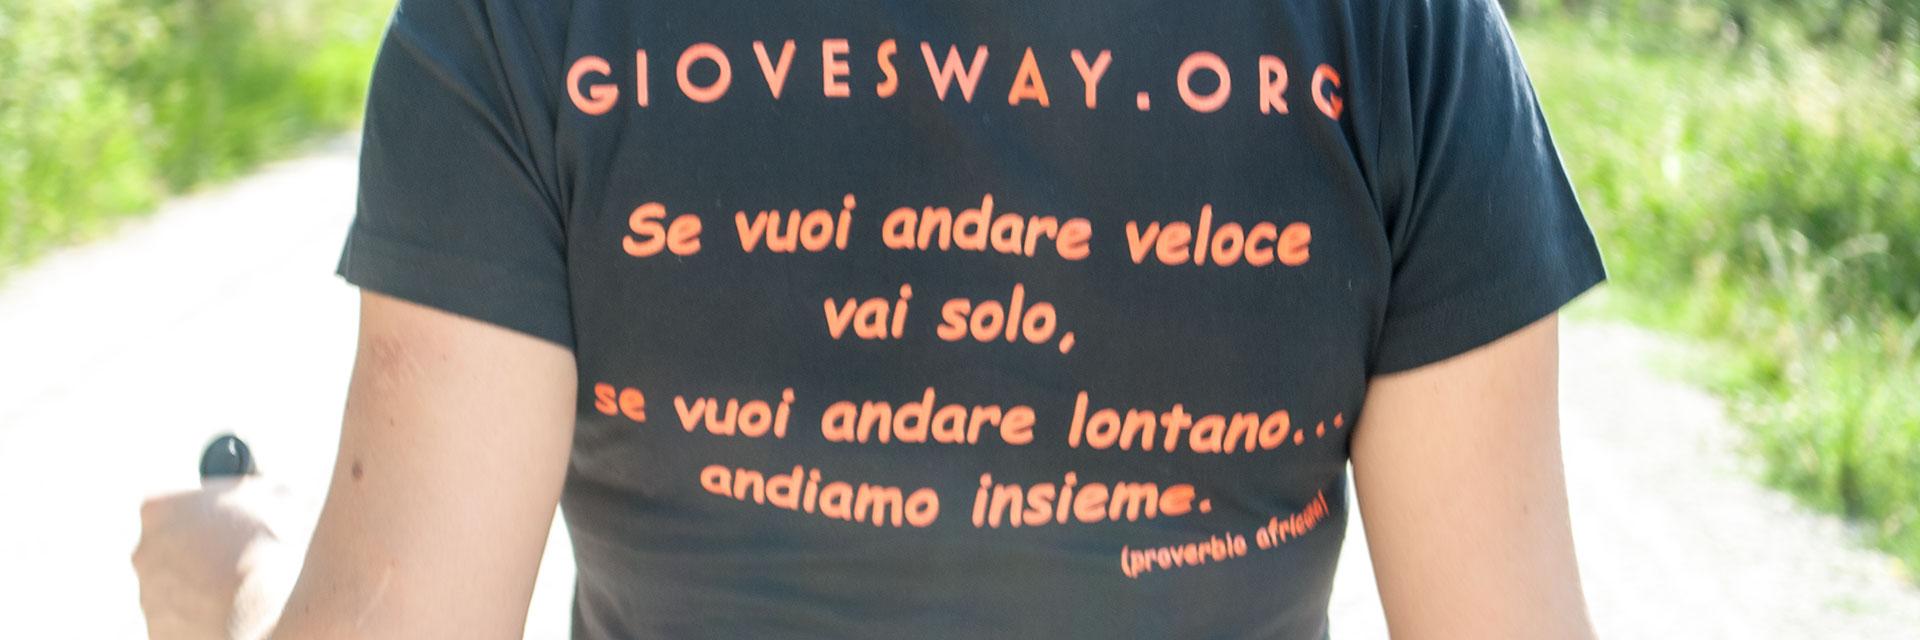 Partecipa alle iniziative di Giove's Way!